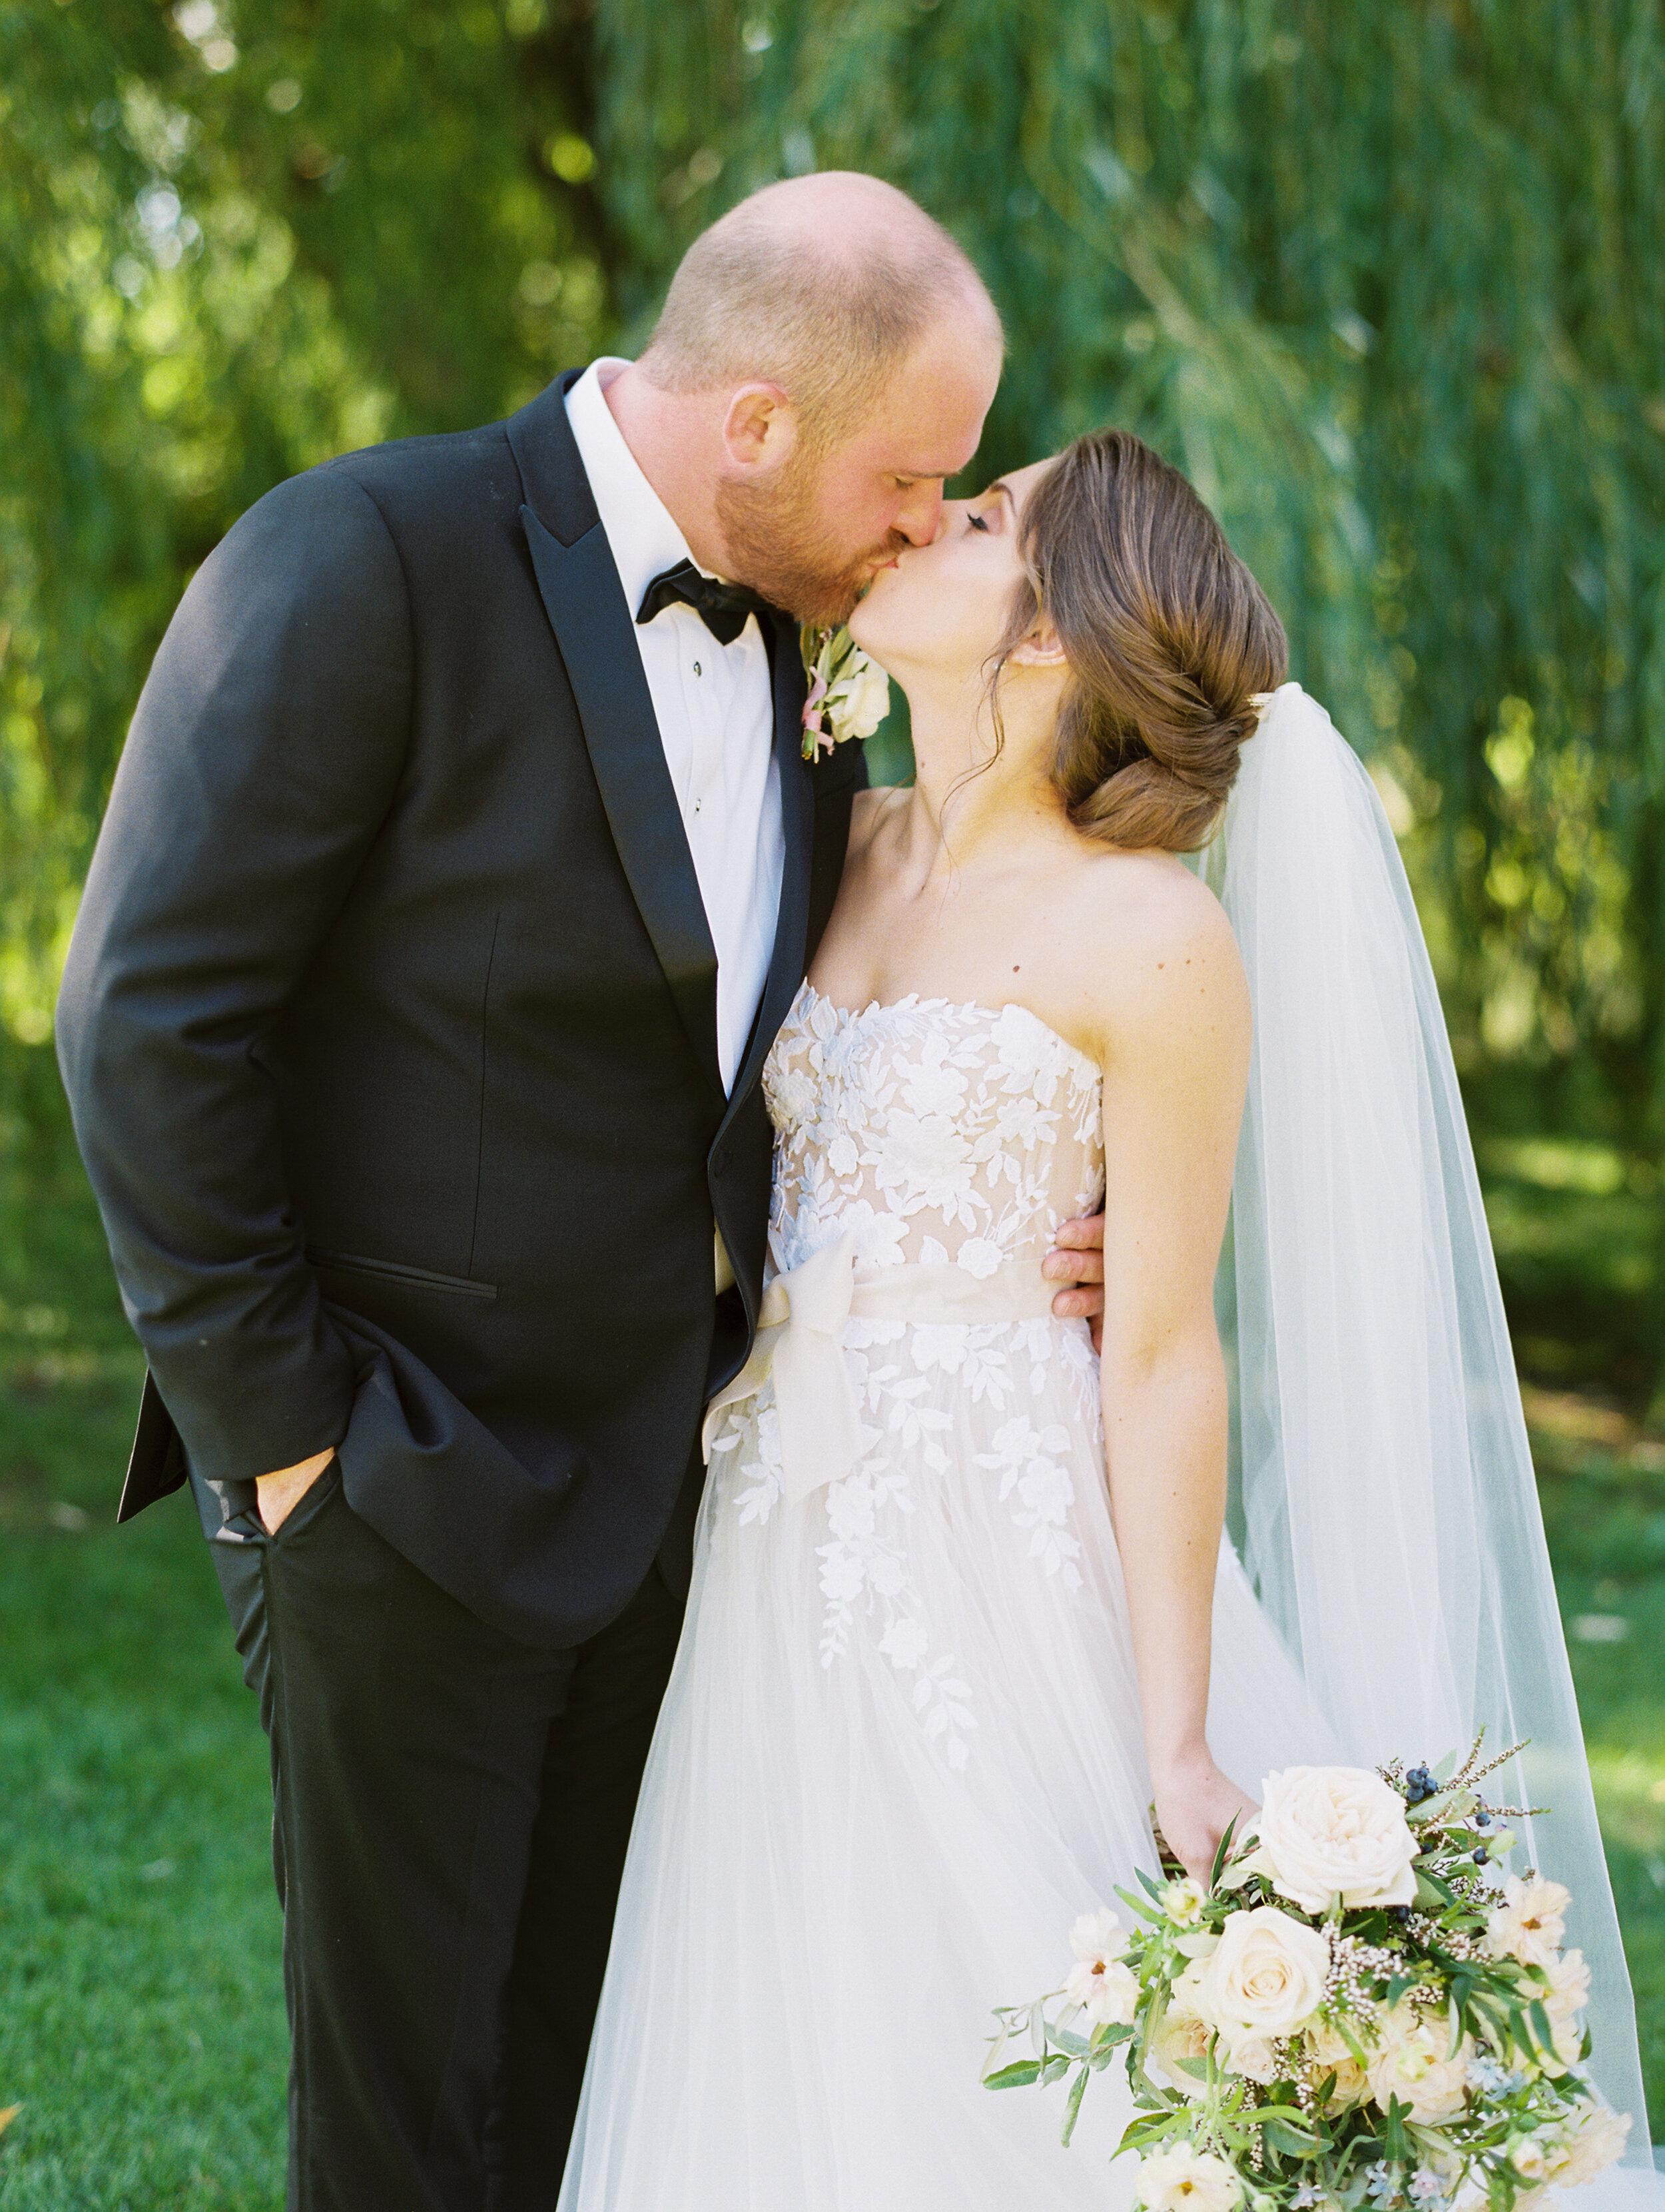 Steinlage+Wedding+First+Look-43.jpg